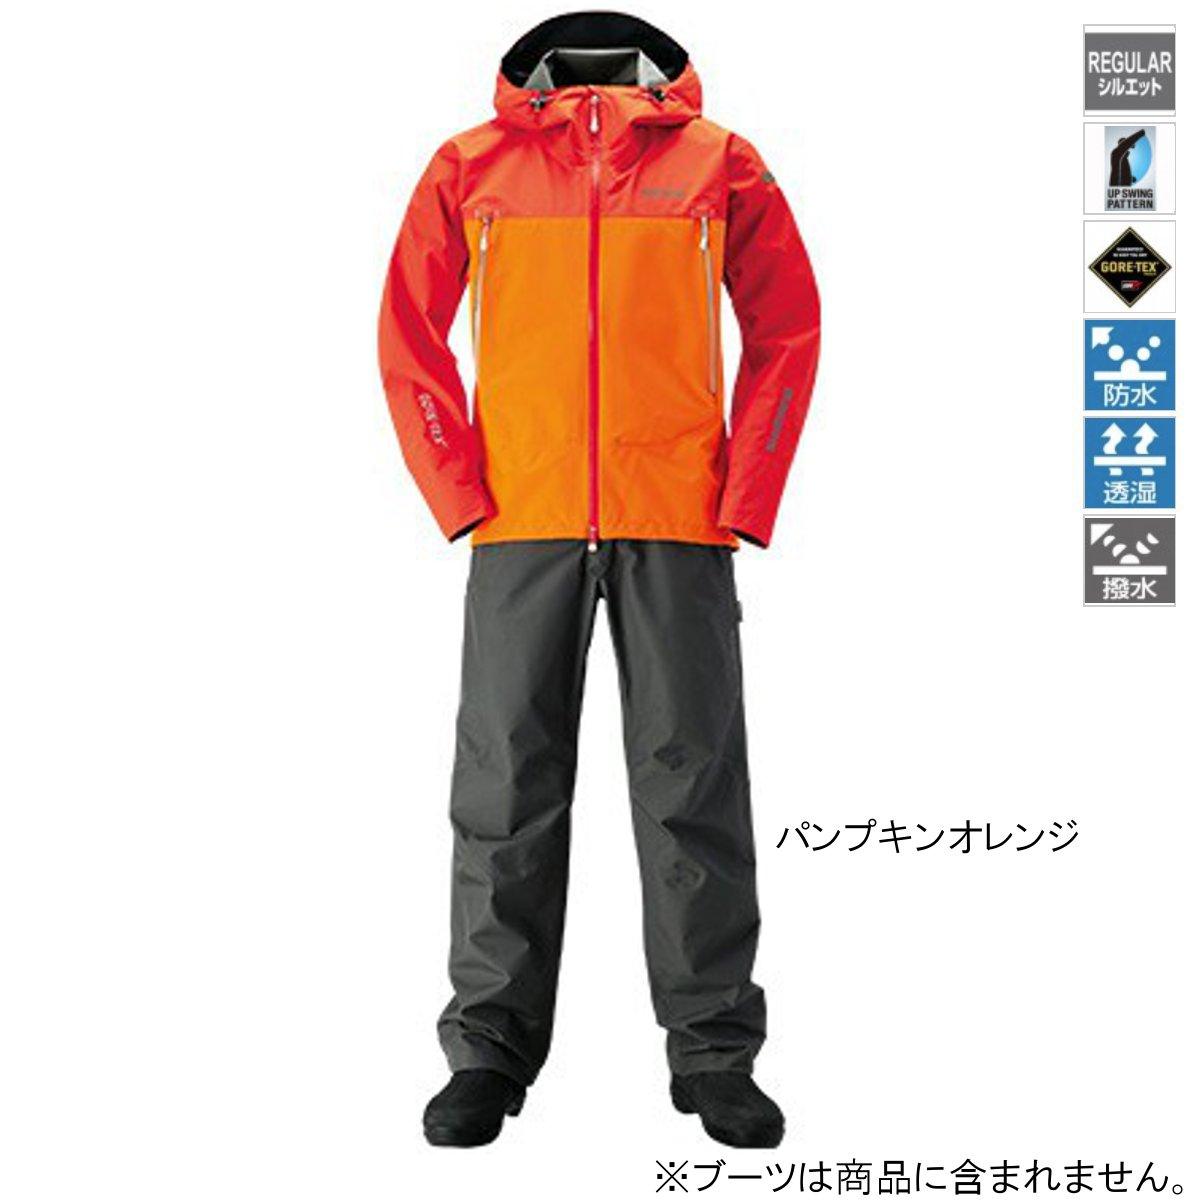 シマノ GORE-TEX ベーシックスーツ RA-017R M パンプキンオレンジ【送料無料】